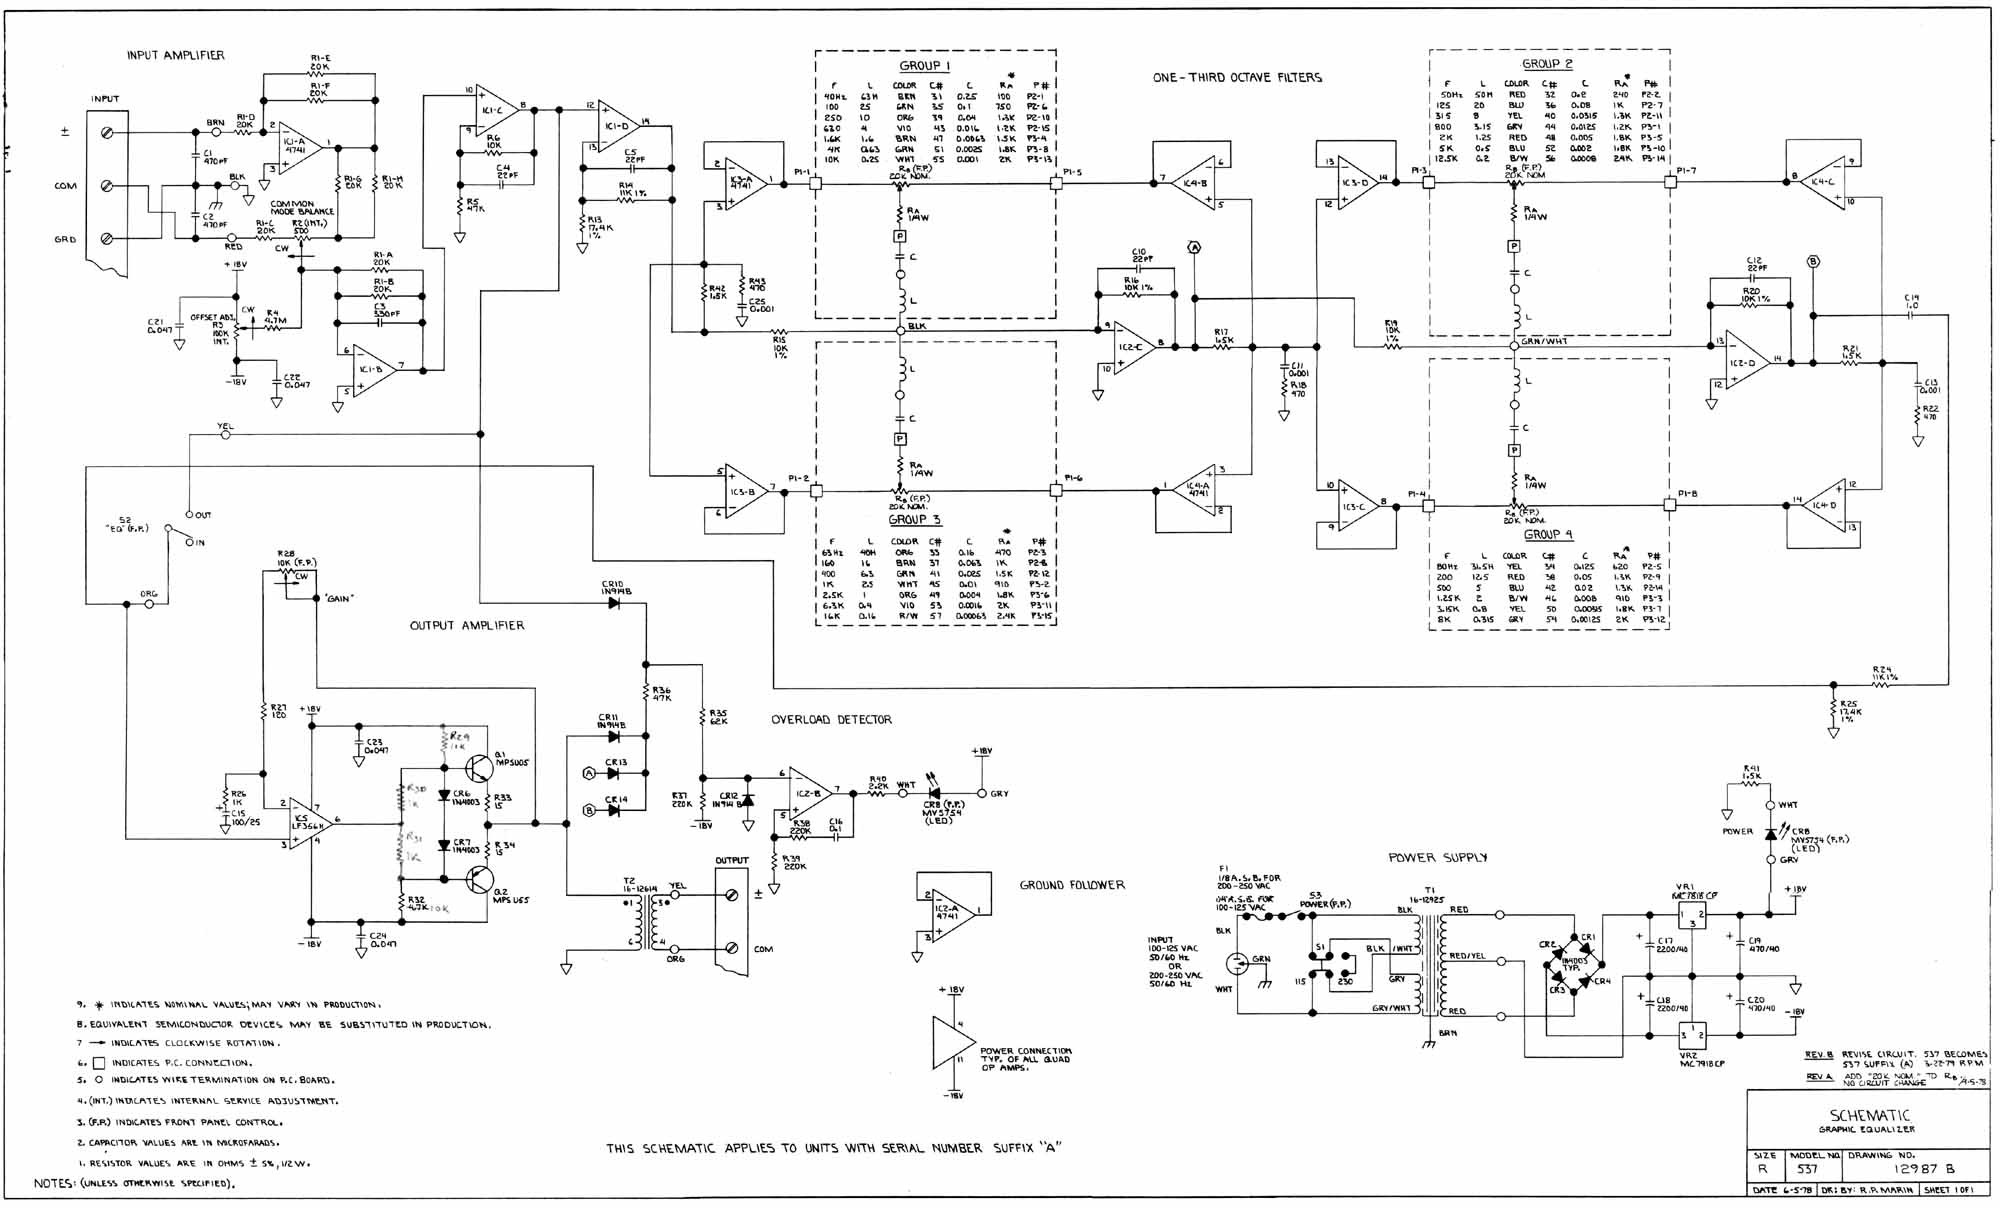 Eq Wiring Diagram - Ru.alphatrend.co • on pioneer auto eq, pioneer equalizer, pioneer receiver with eq, pioneer car eq,